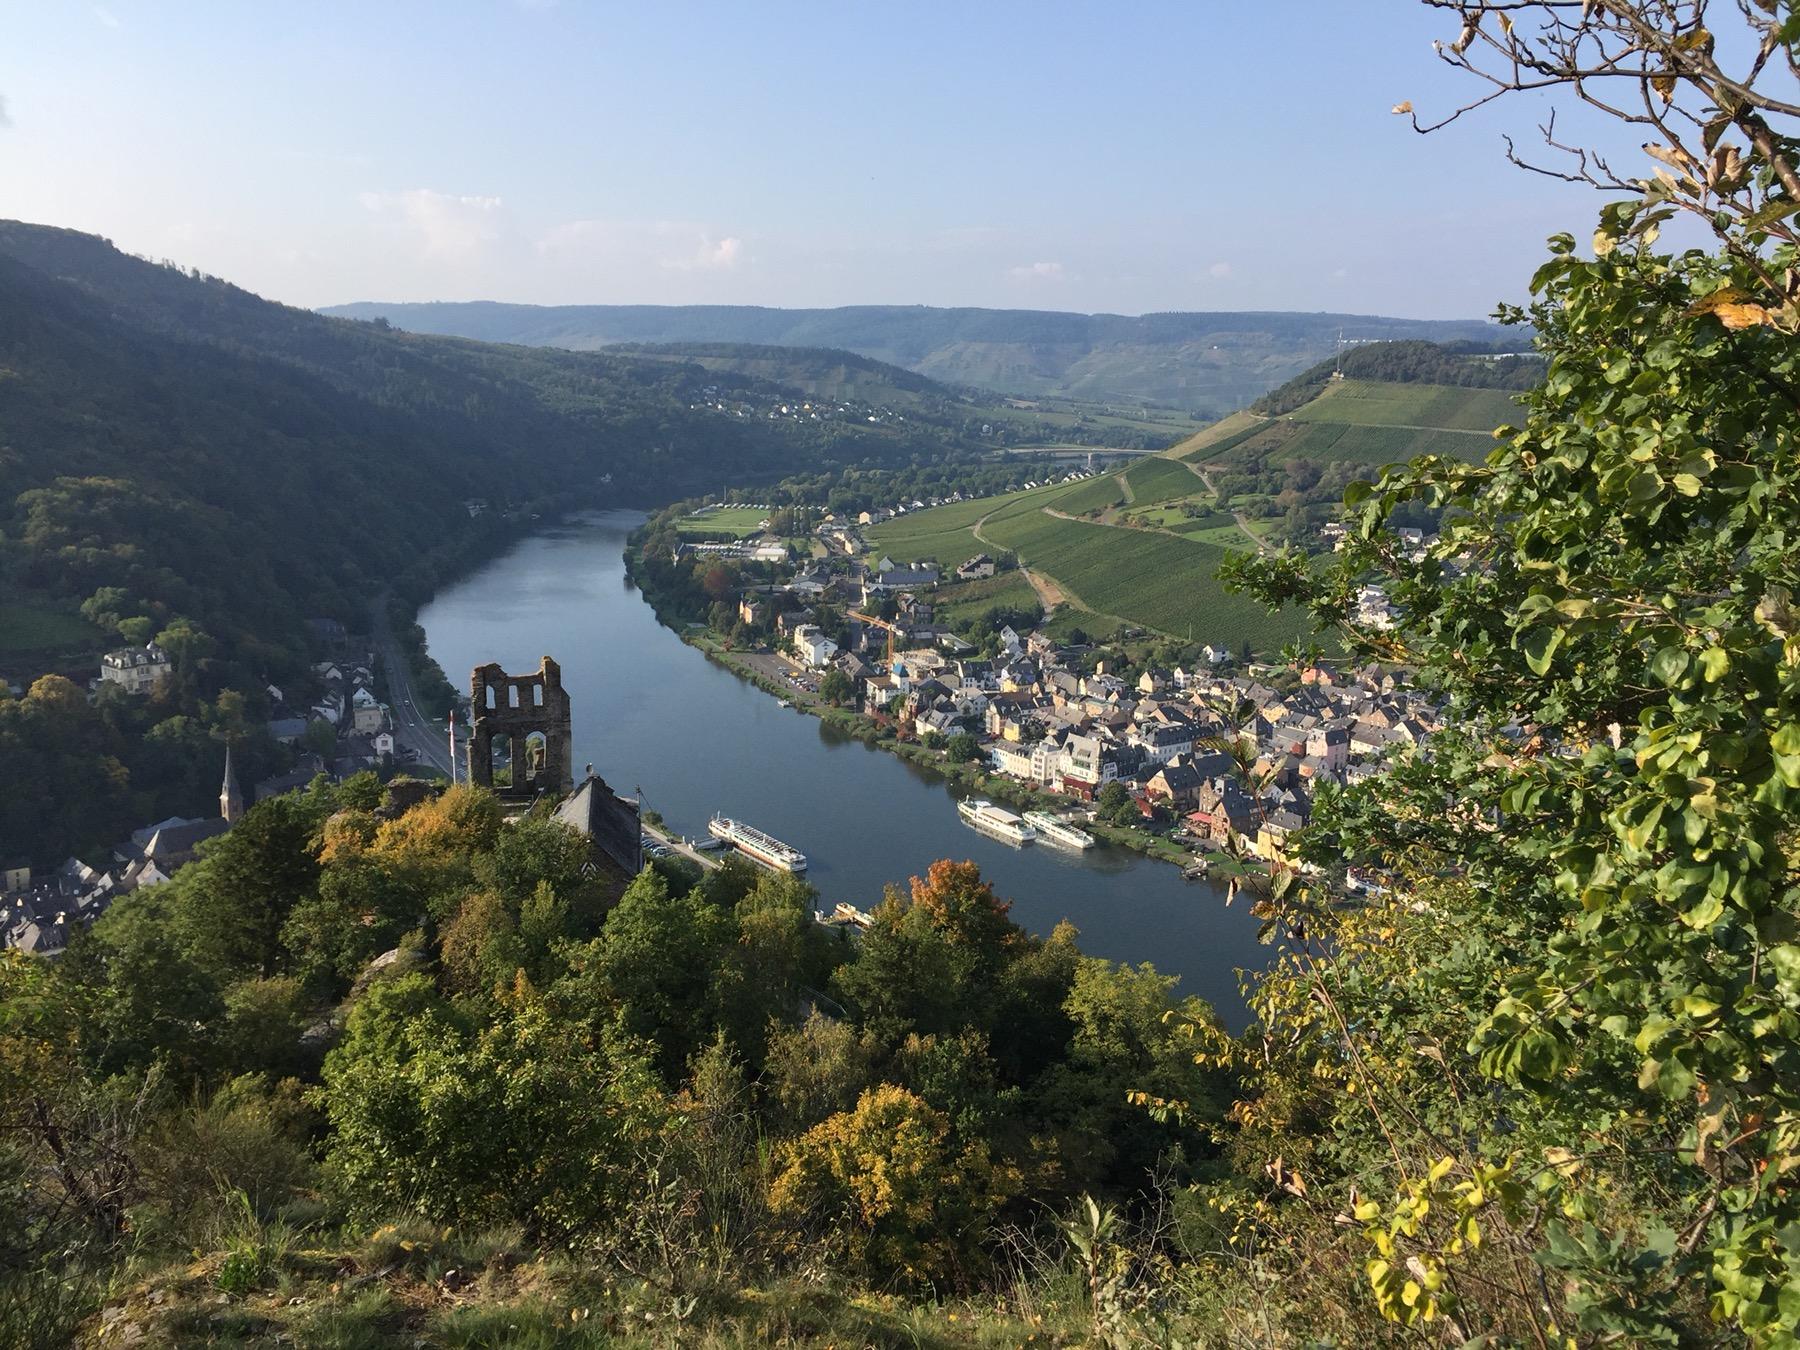 Burgruine über Traben-Trarbach. Mosel-Camino, Etappe 4